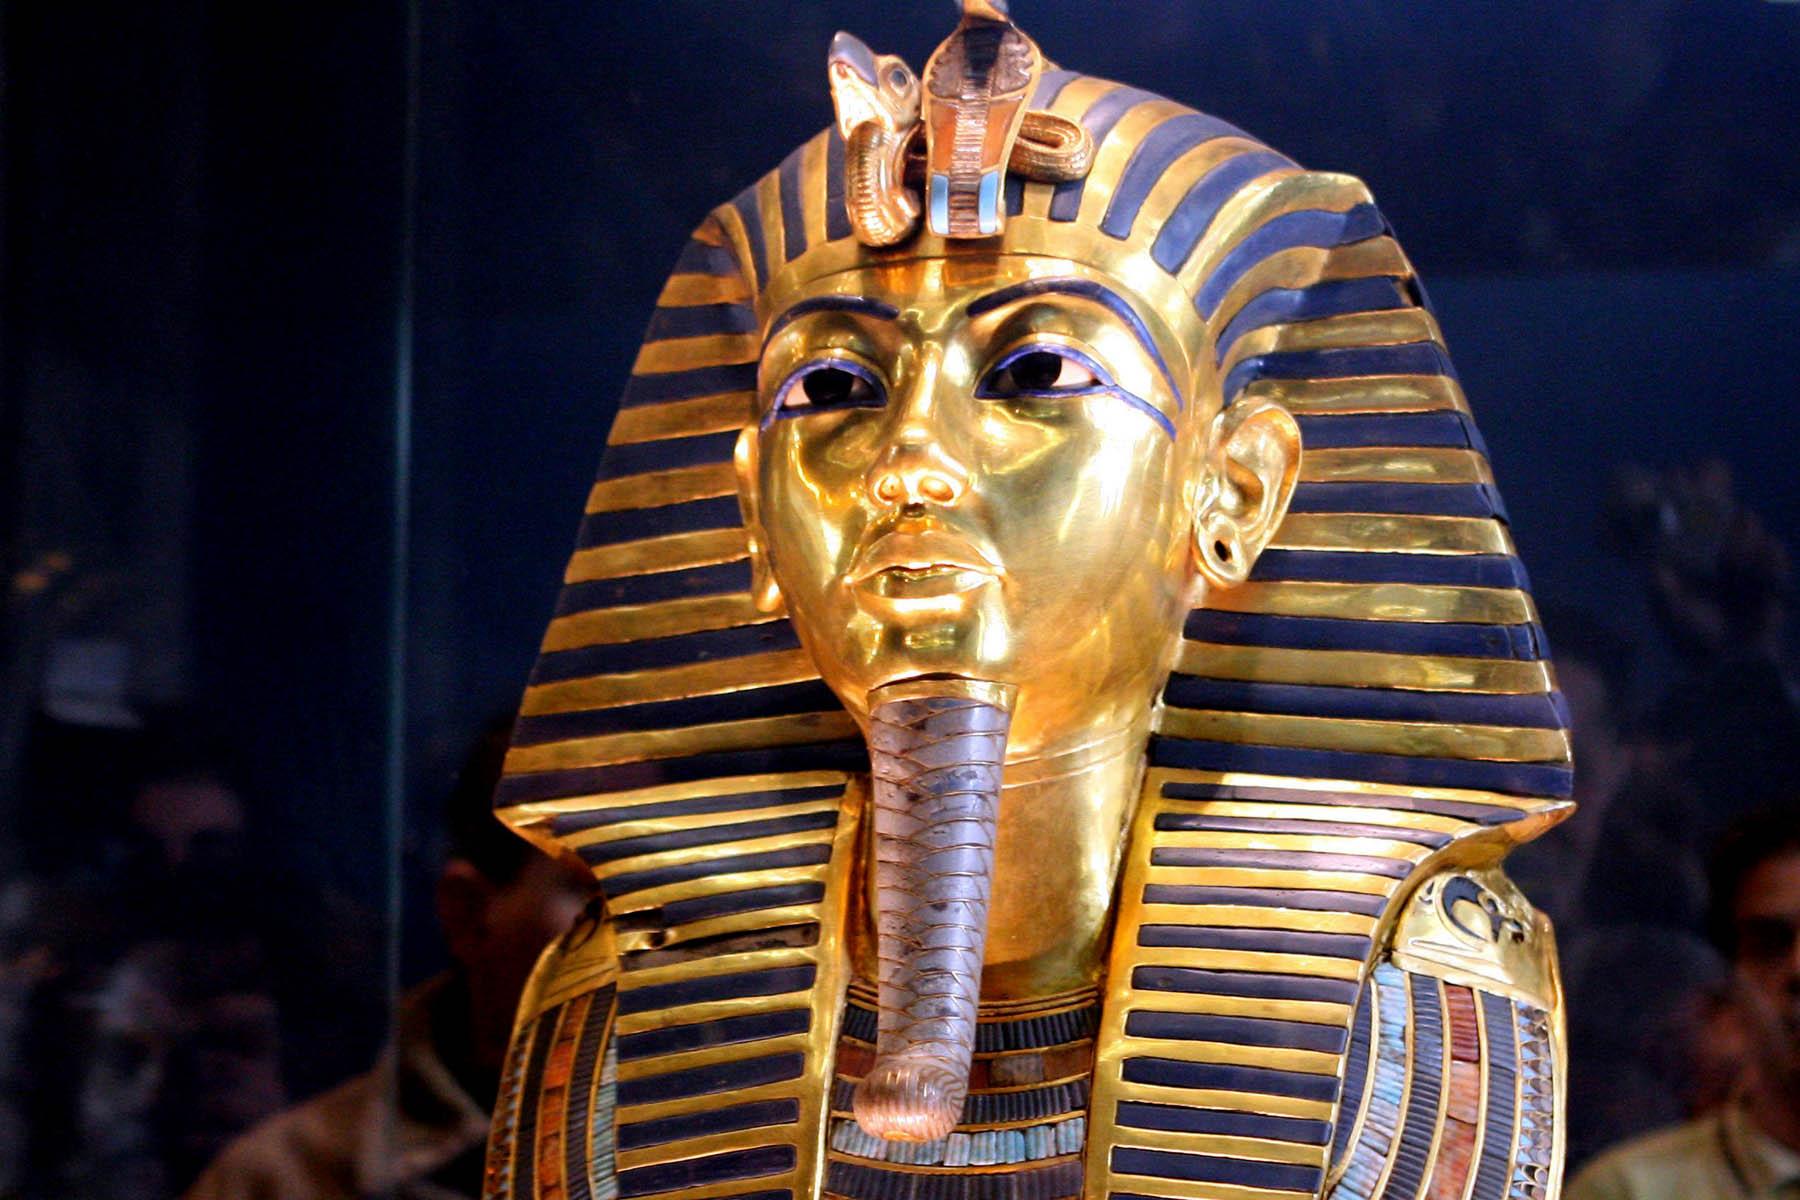 tutankamonun sakalını kırıldı ve yanlış yapıştırıcı ile yapıştırıldı